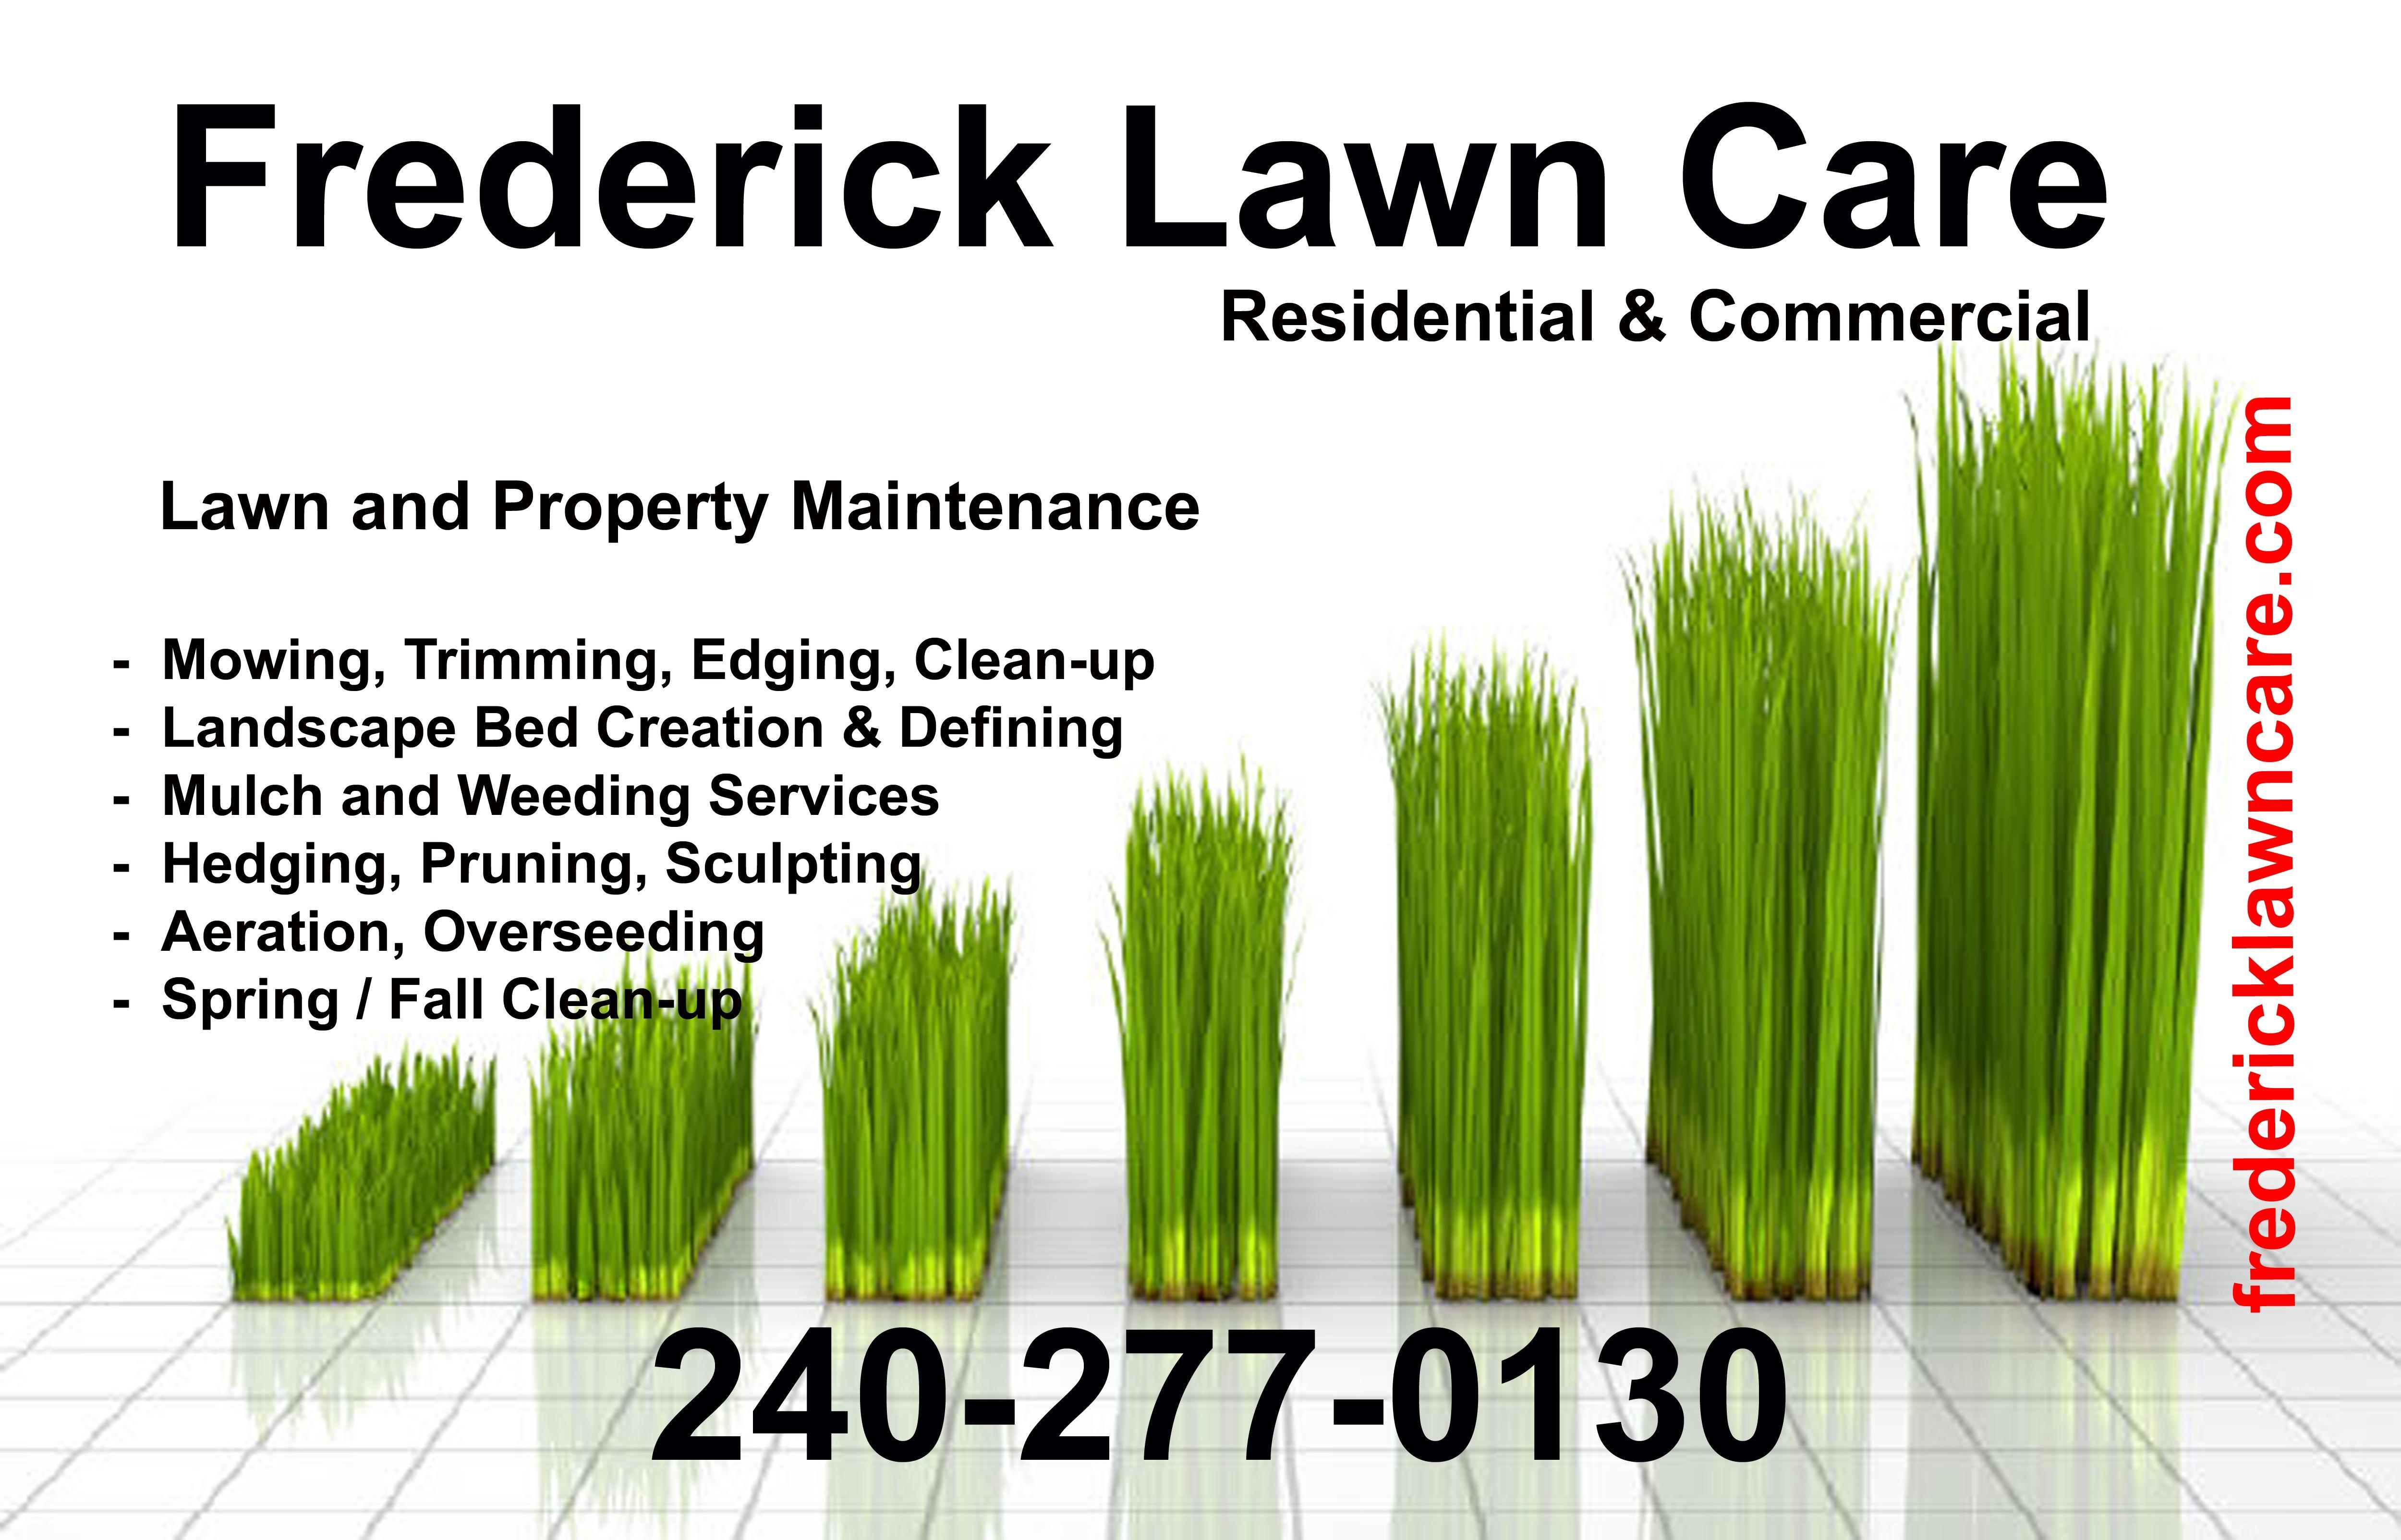 Frederick Lawn Care